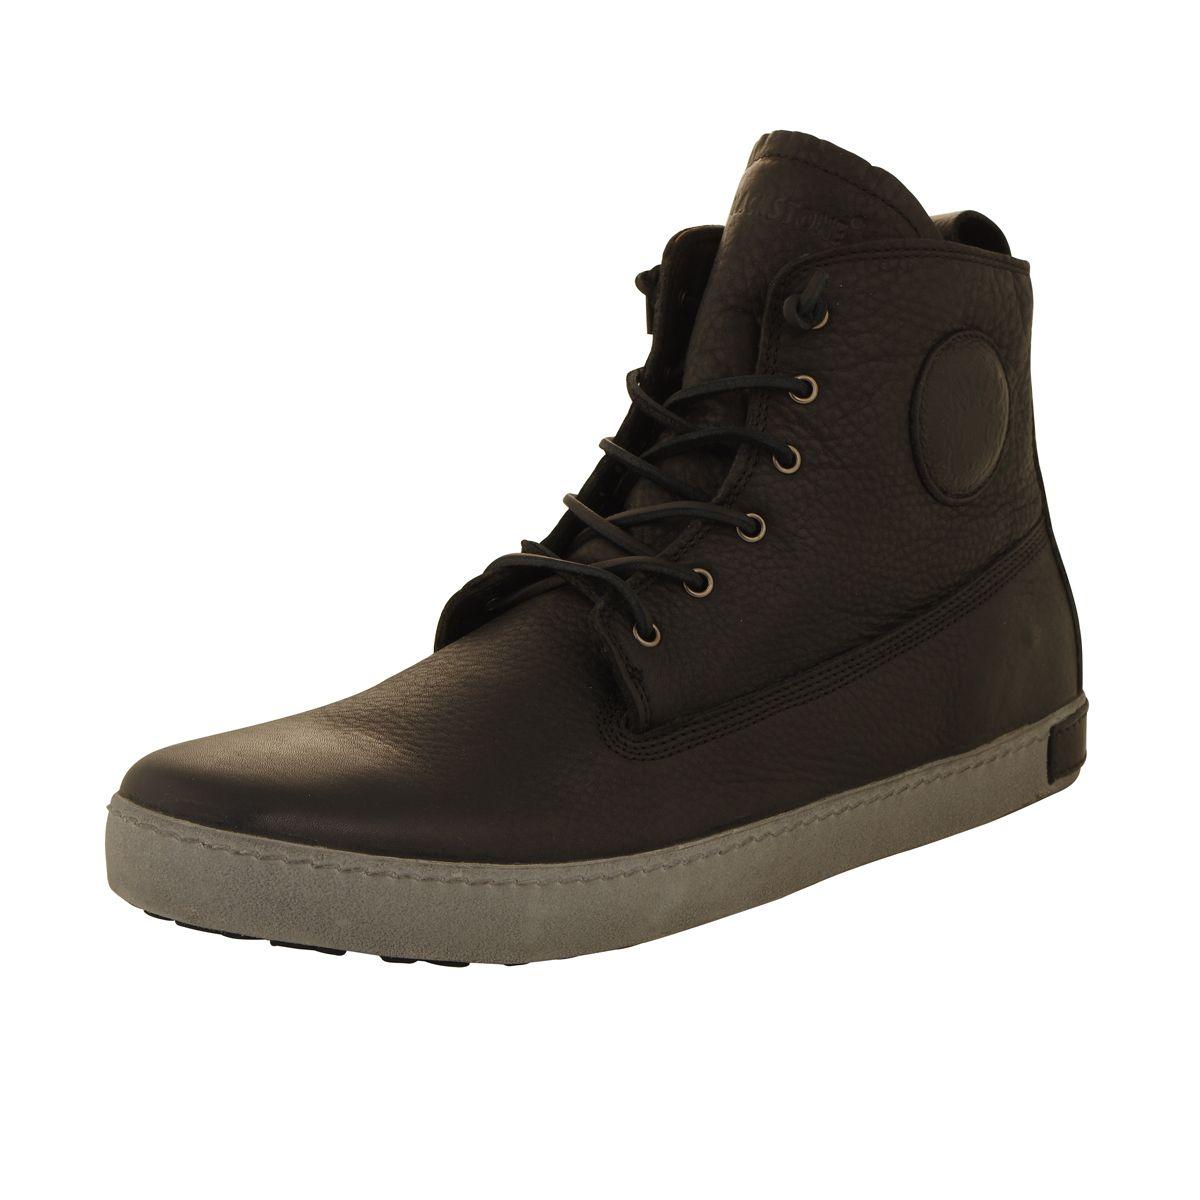 chaussures montantes noires grande taille du 46 au 50. Black Bedroom Furniture Sets. Home Design Ideas